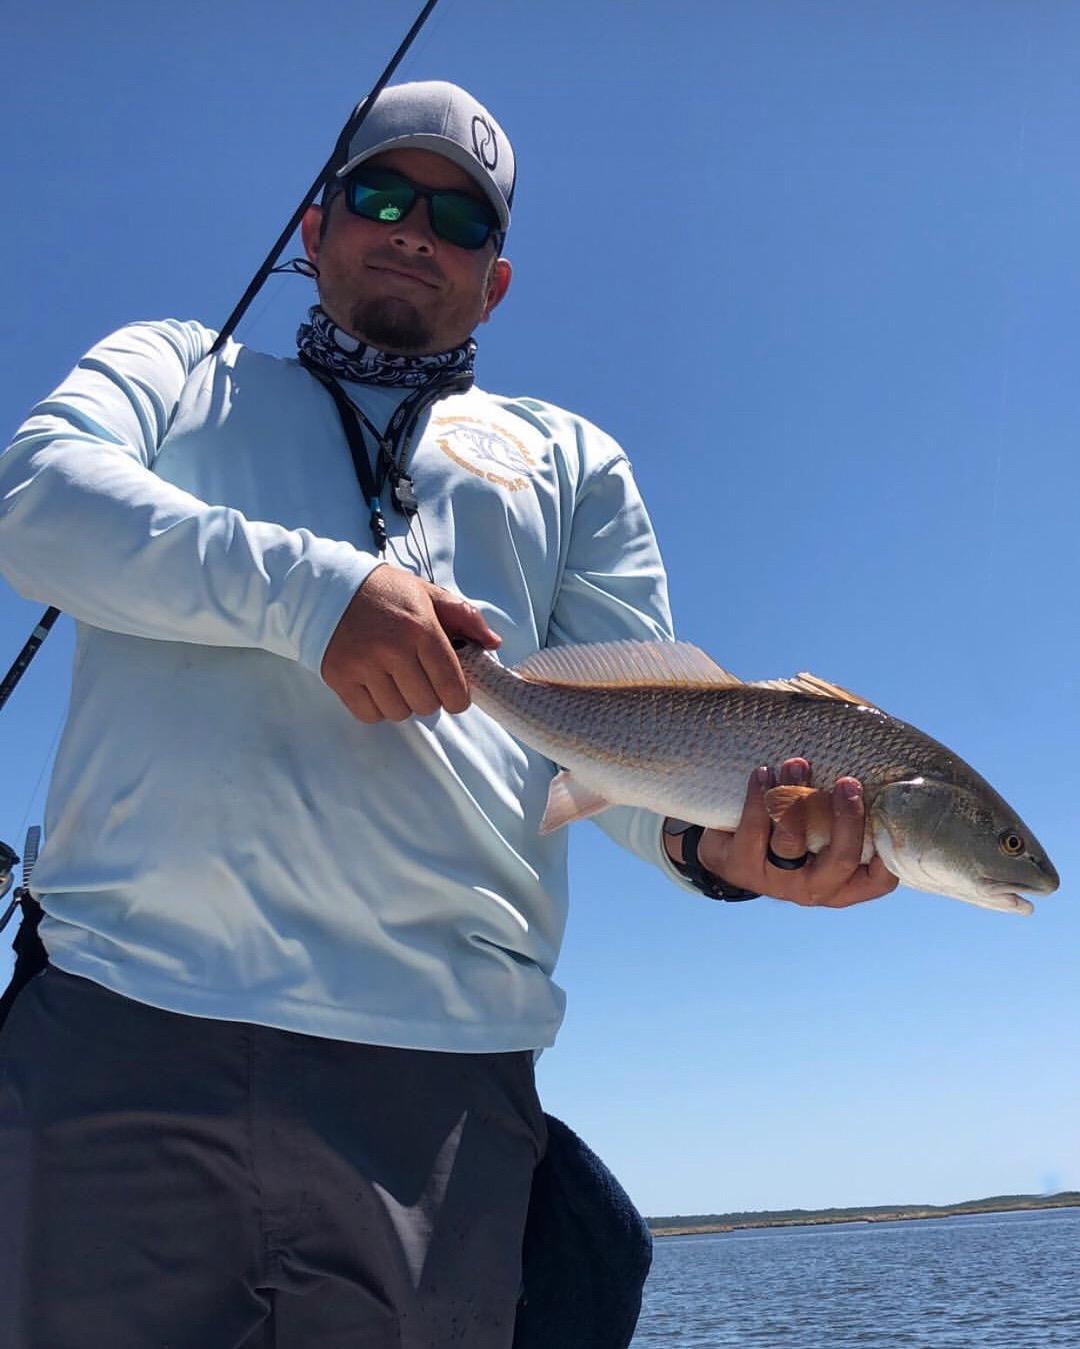 AJ sight fish 4 lb red - Copy